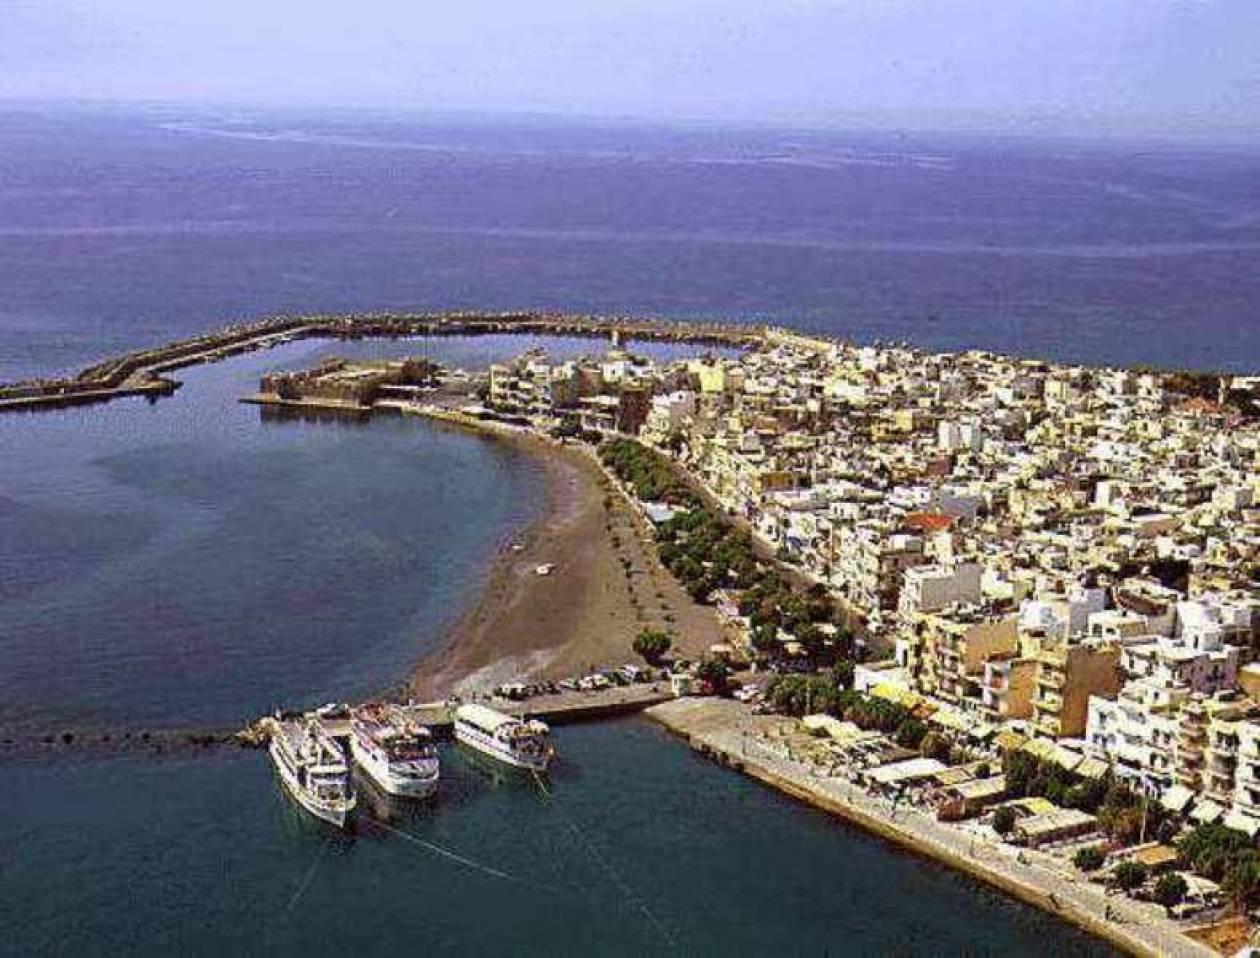 Κρήτη: Αντιδράσεις για τη μεταφορά Δημοτικών Κοινοτήτων